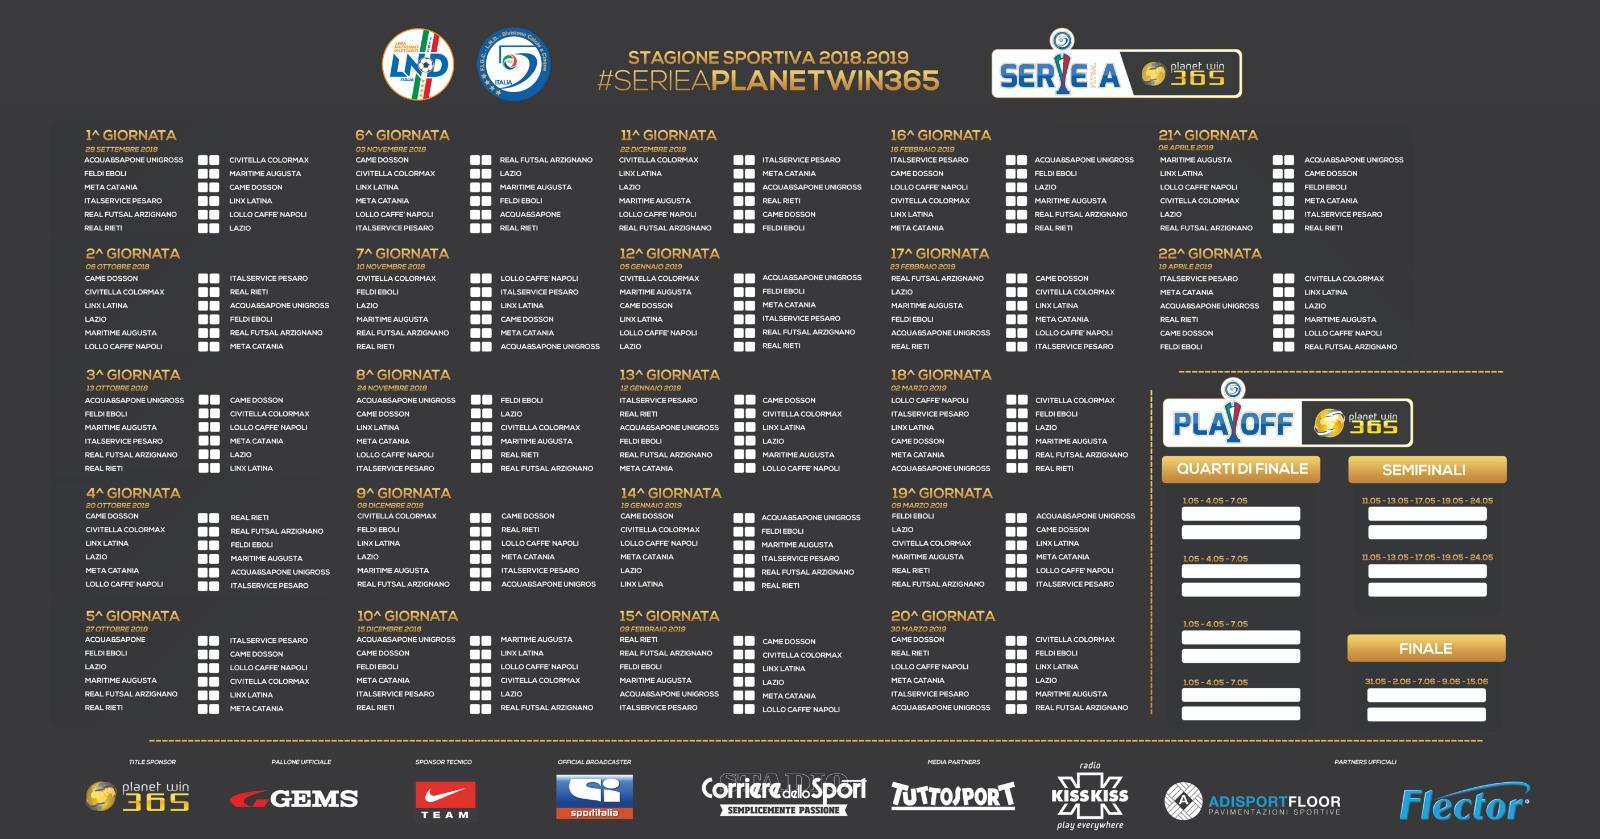 Calcio Catania Calendario.Meta Catania Calcio A 5 Calendario Della Serie A La Meta